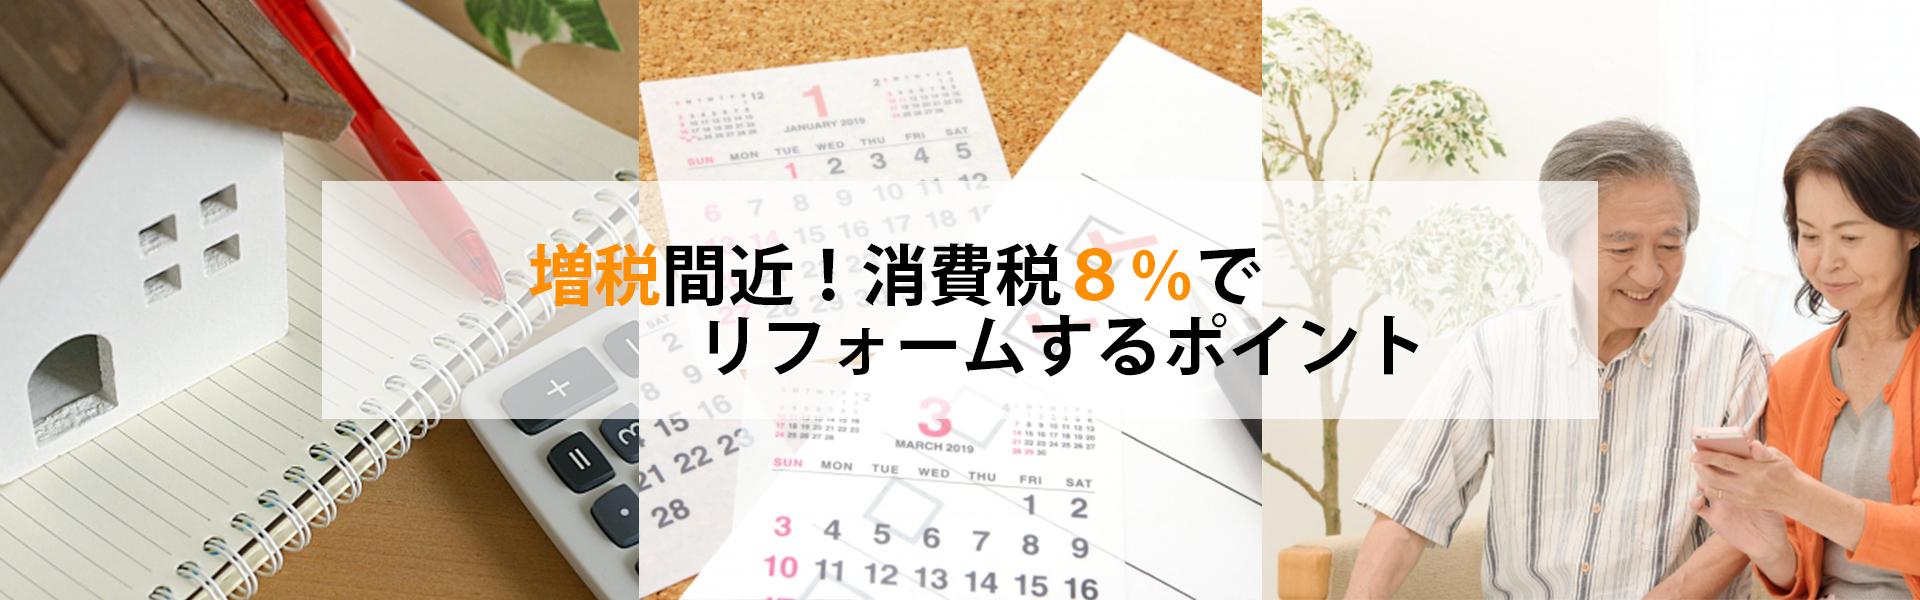 増税間近!消費税8%でリフォームするポイントをご紹介